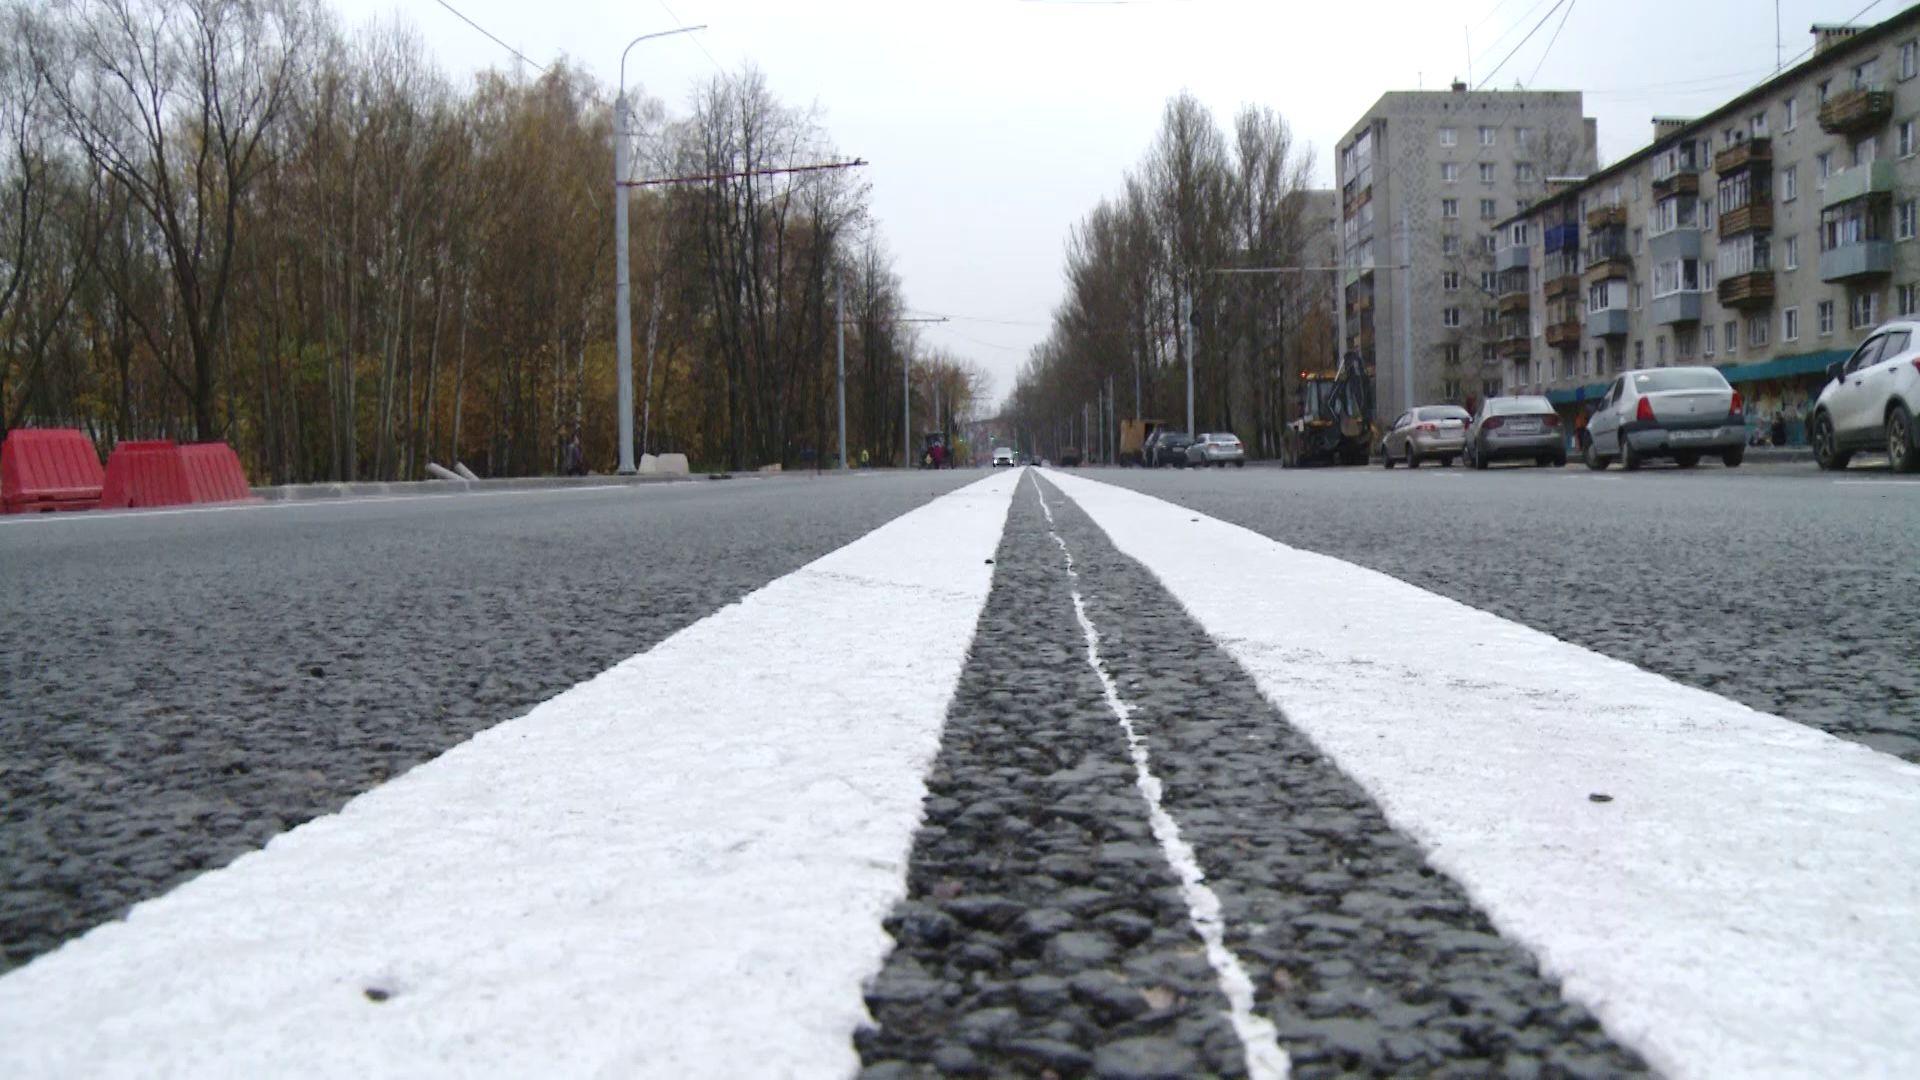 Долгожданное открытие Тутаевского шоссе добавит проблем жителям улицы Спасской